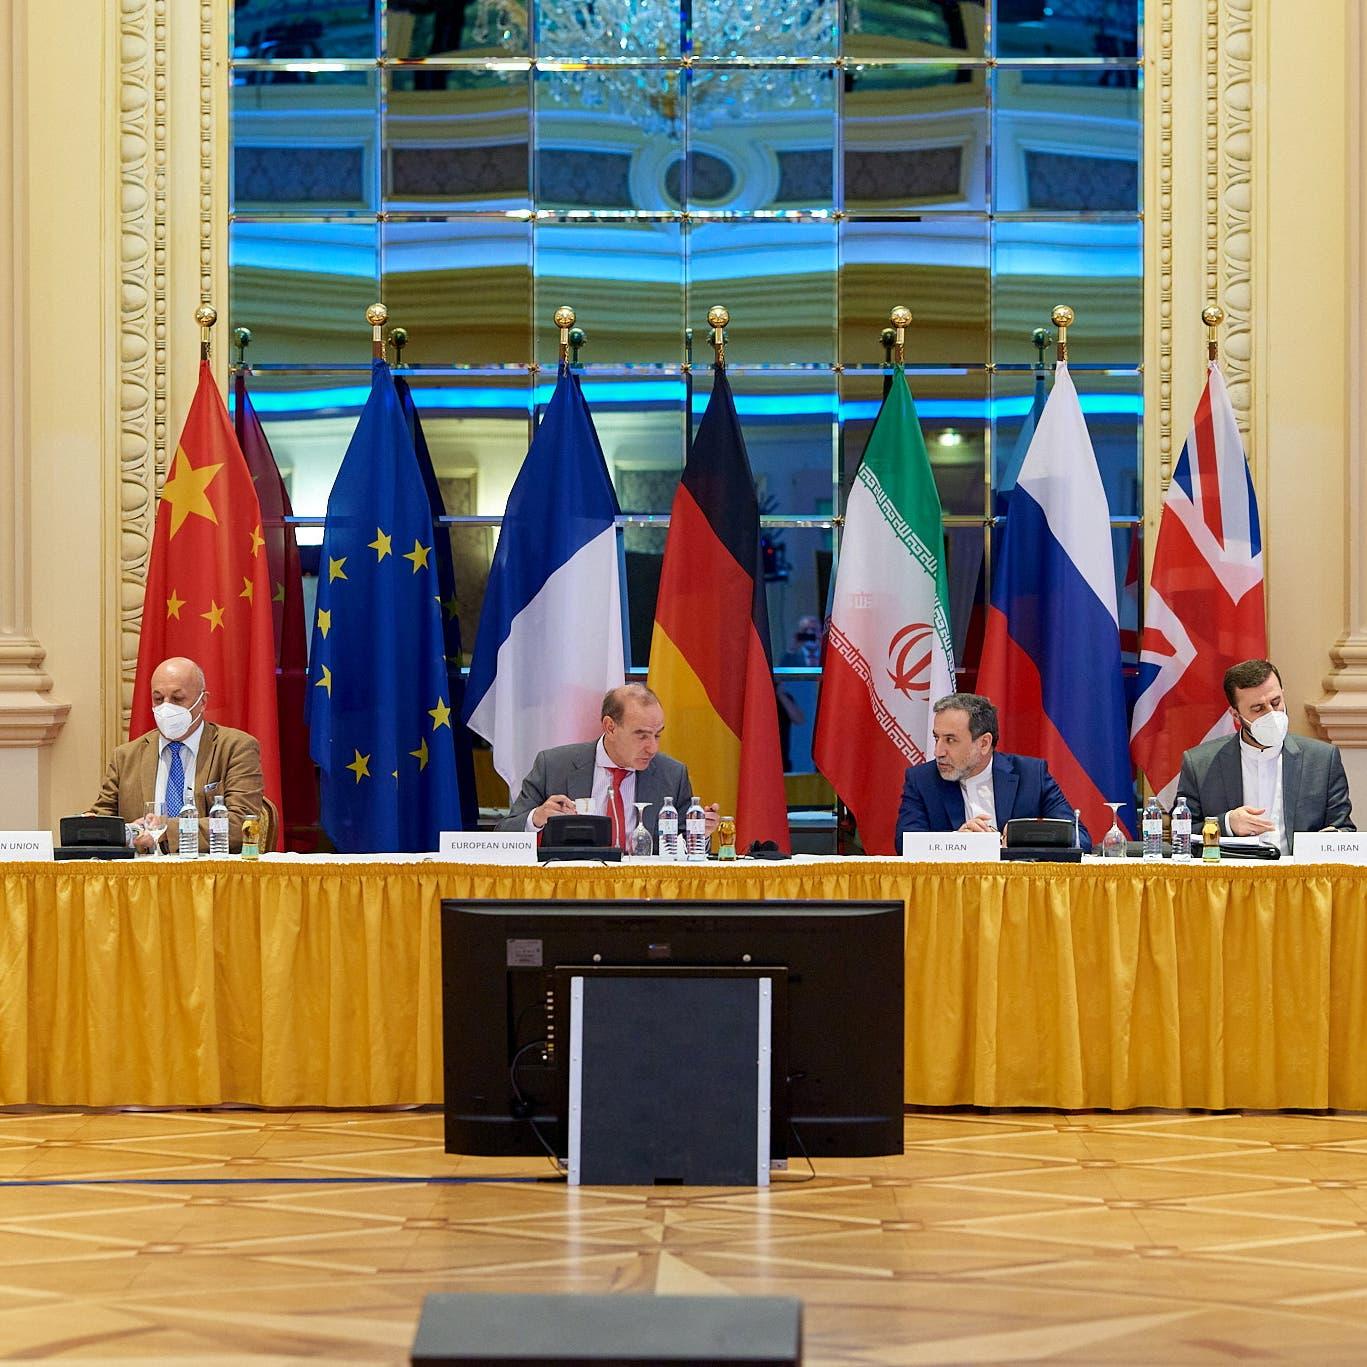 واشنطن: نتوقع عقد جولة سابعة من محادثات فيينا مع إيران